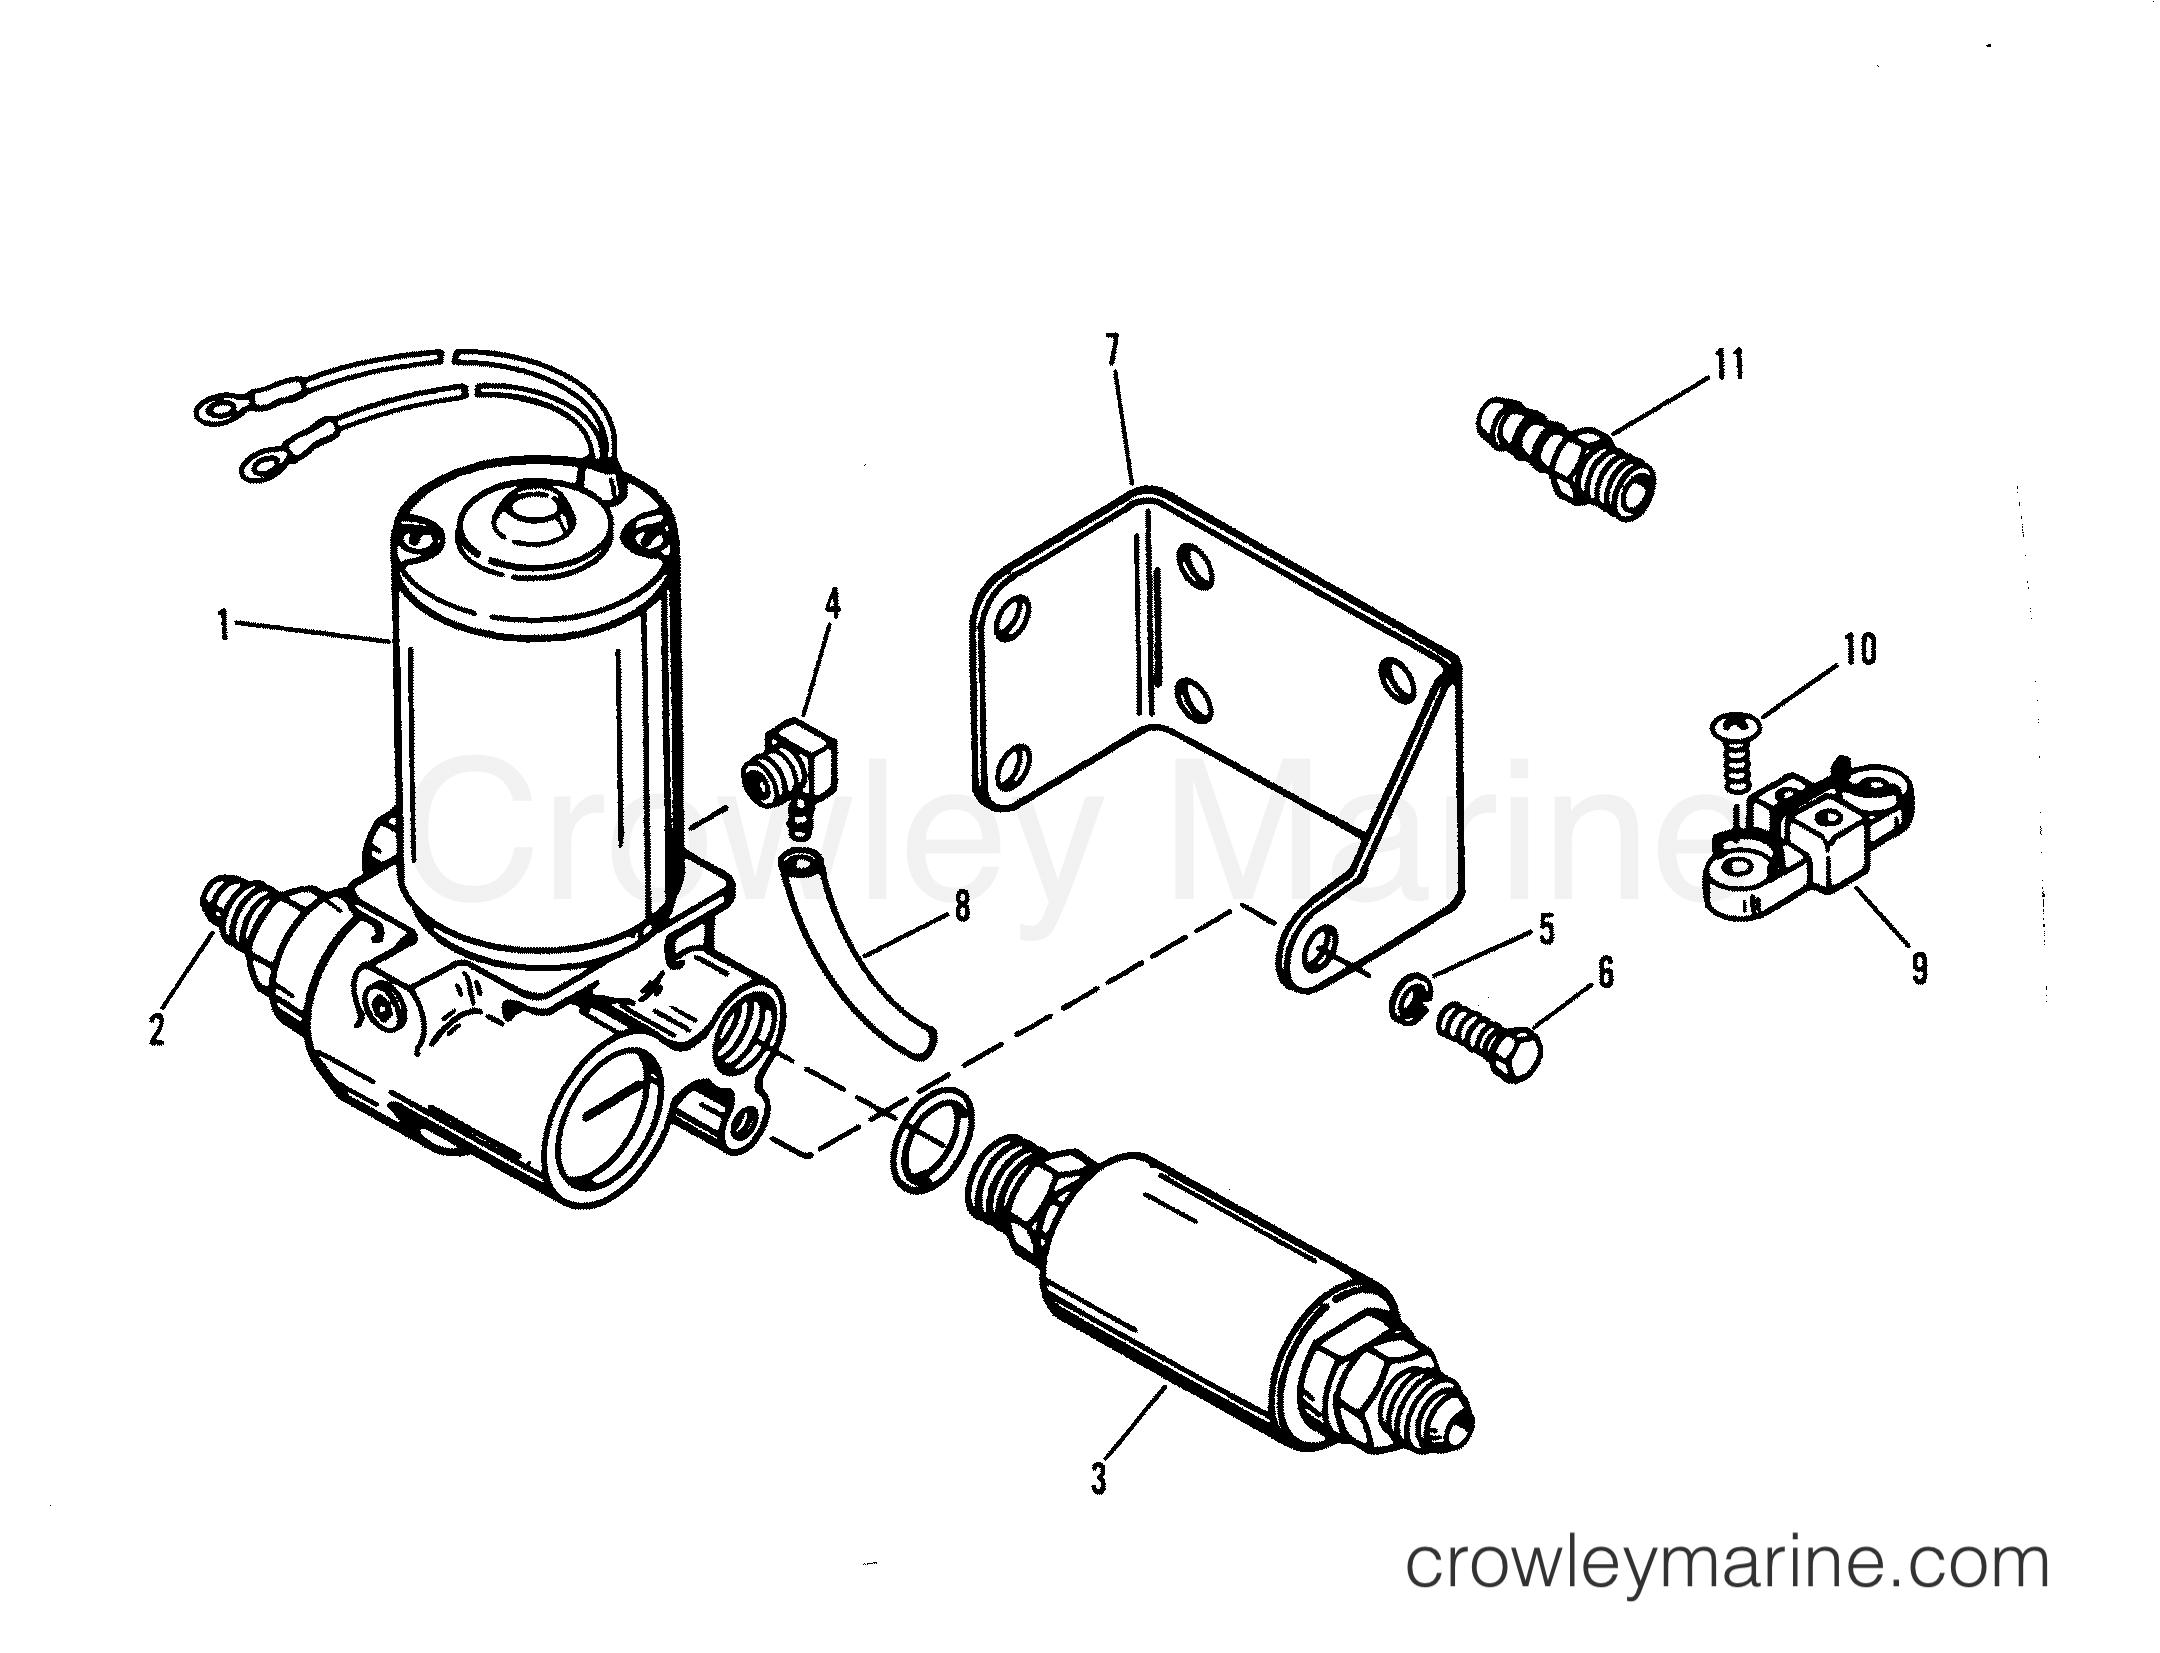 1991 Mercury Race Outboard 2.5L [CL EFI] - 7925212YH - FUEL PUMP section